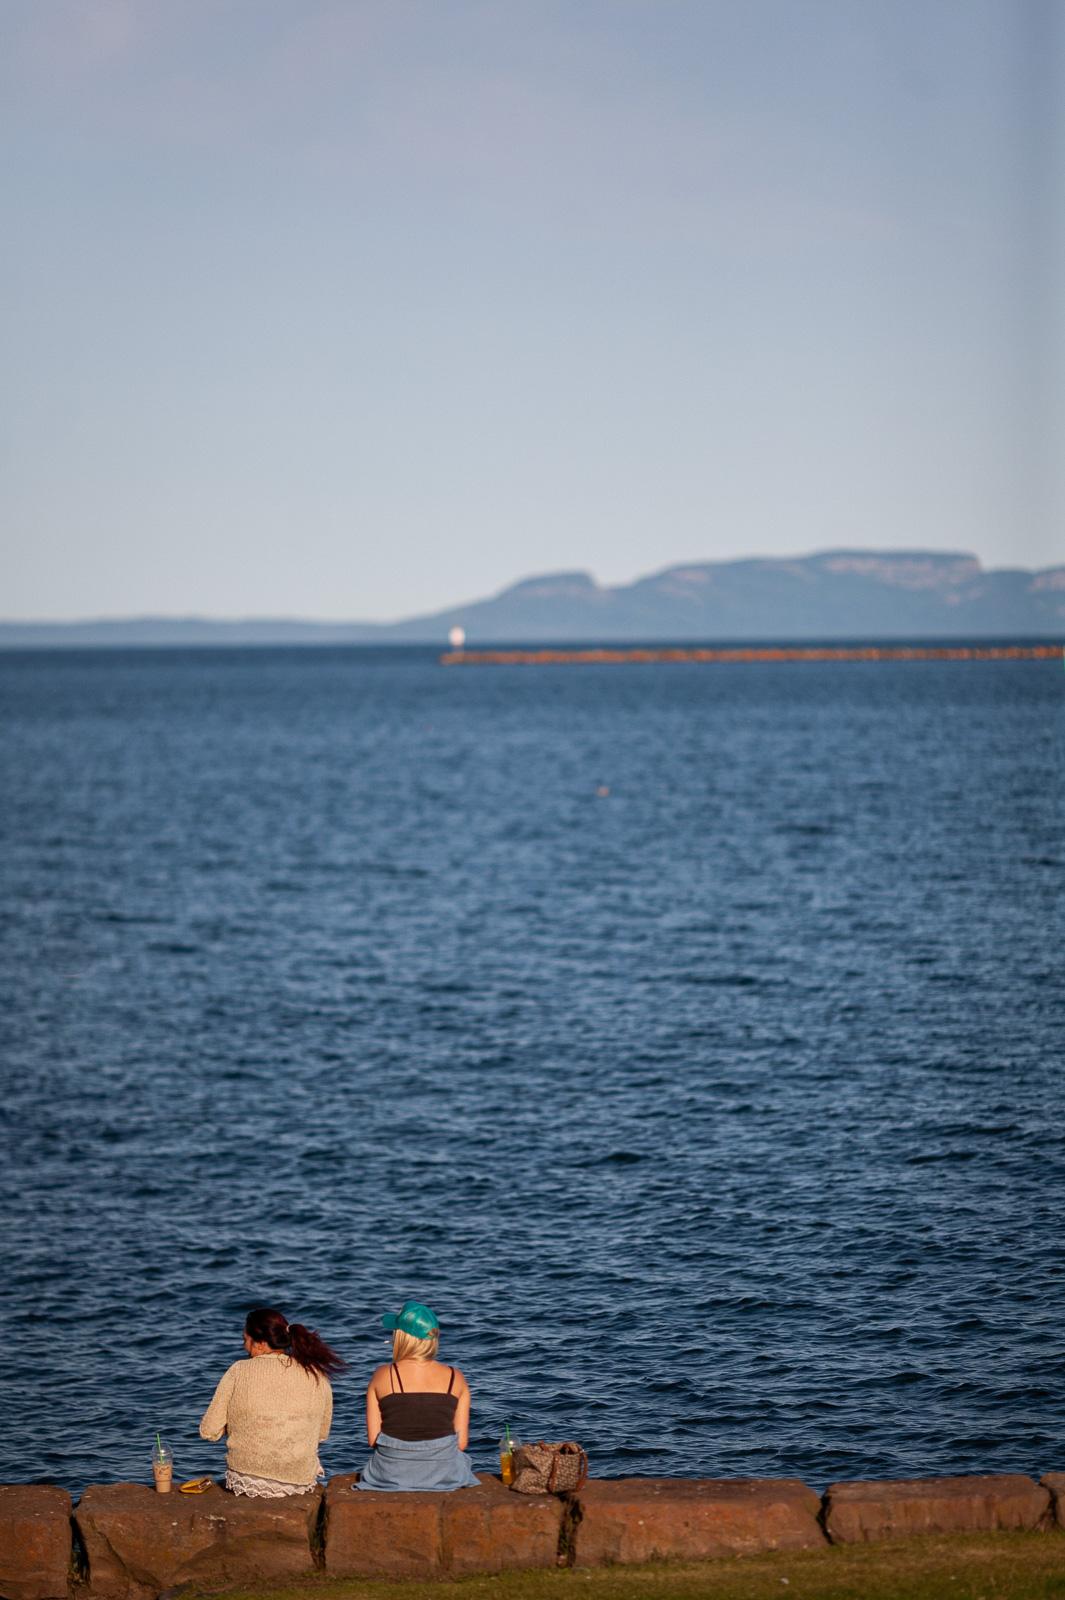 evening-at-marina-blog-12.jpg